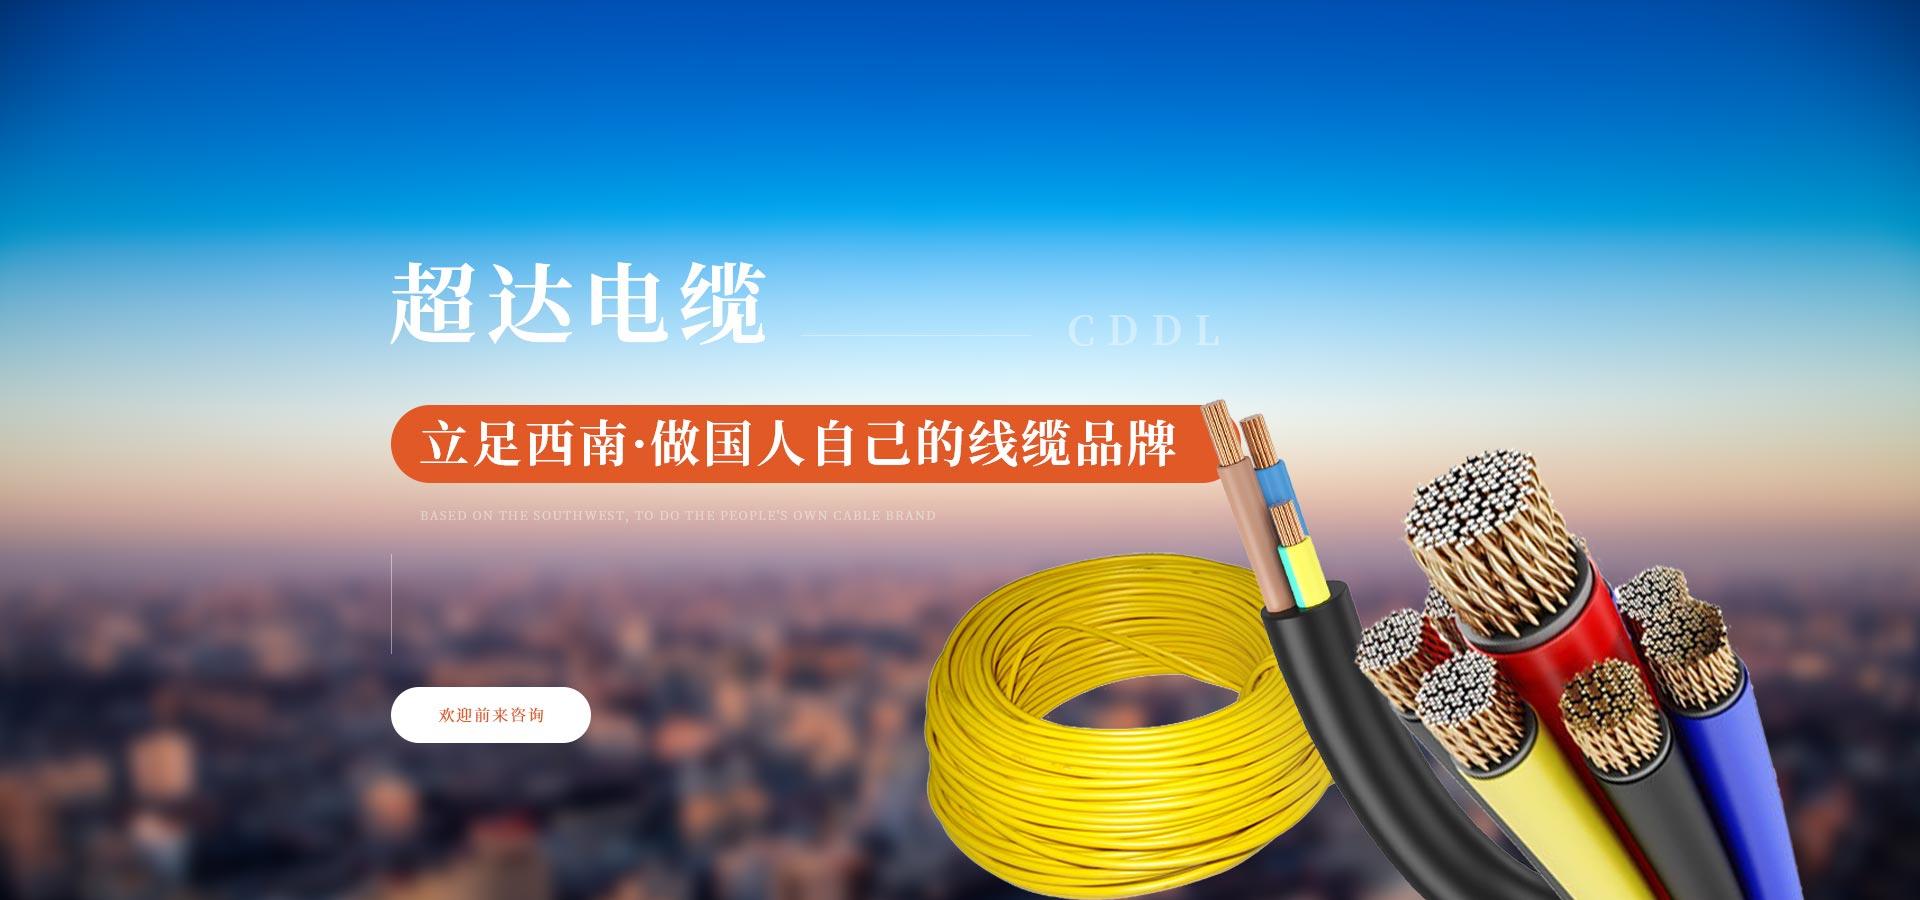 四川防火电缆